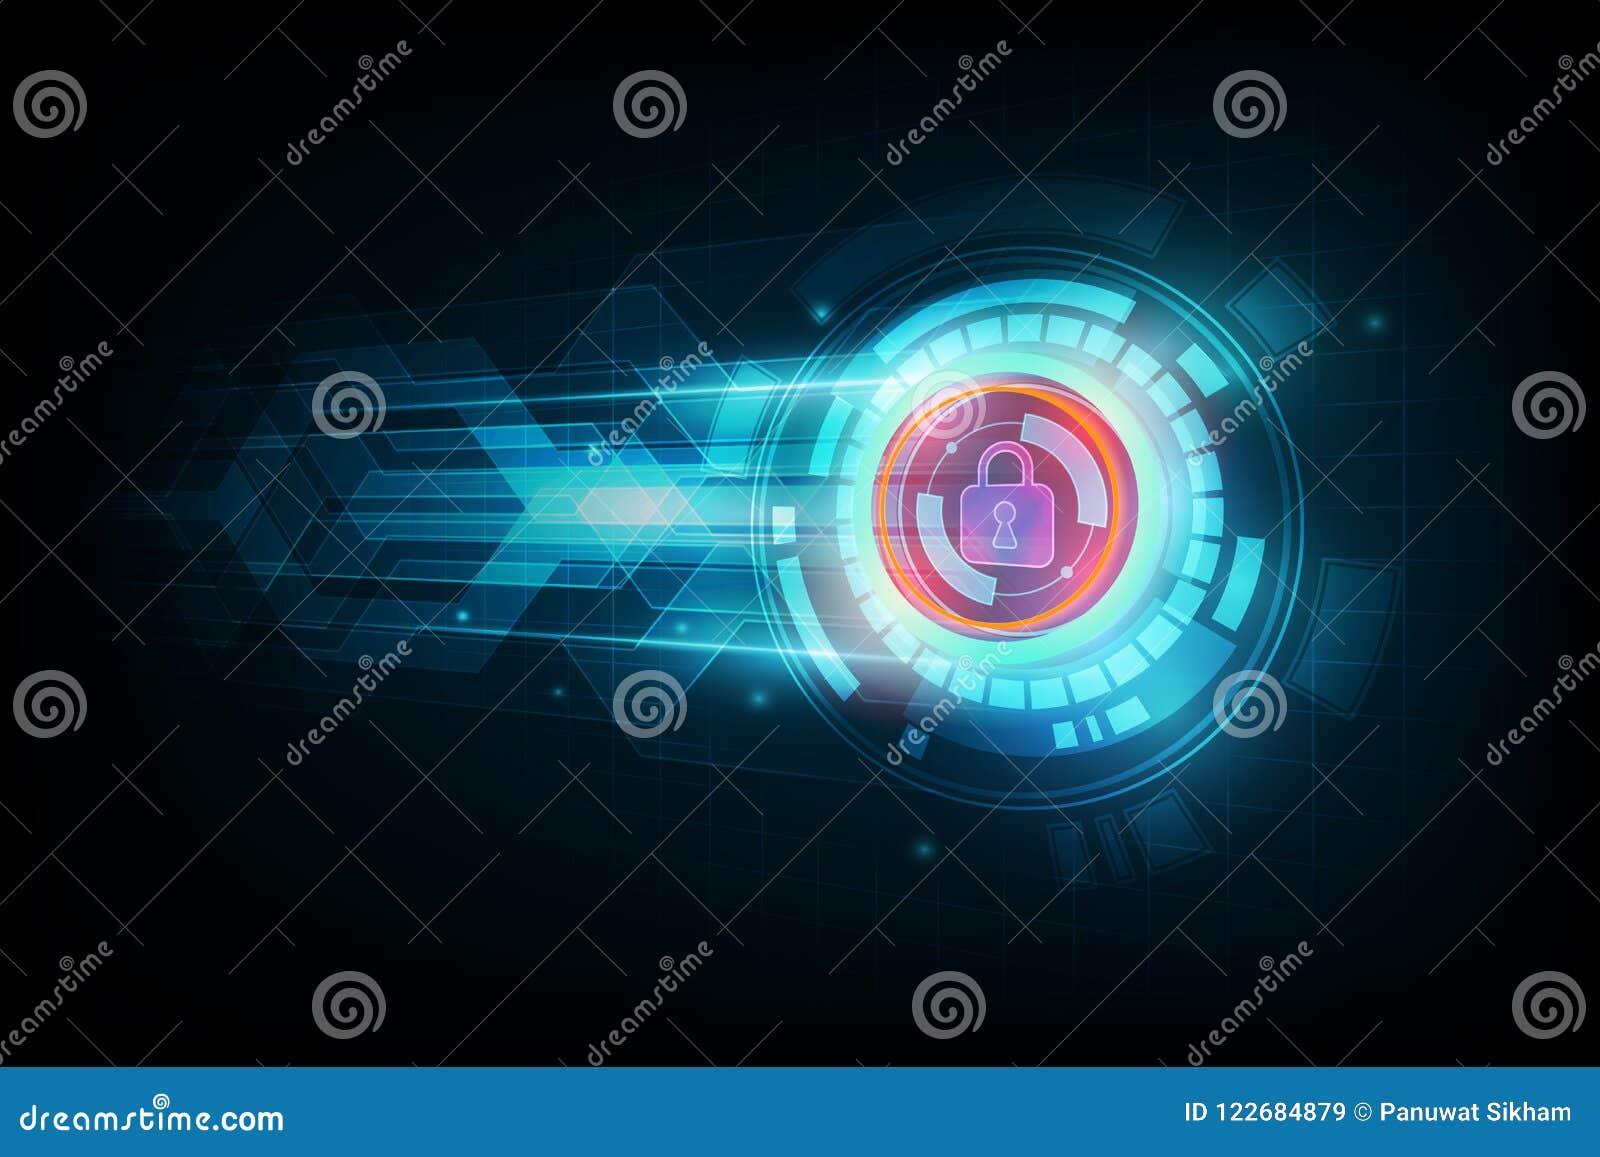 Concetto astratto di protezione dei dati e techno elettronico futuristico